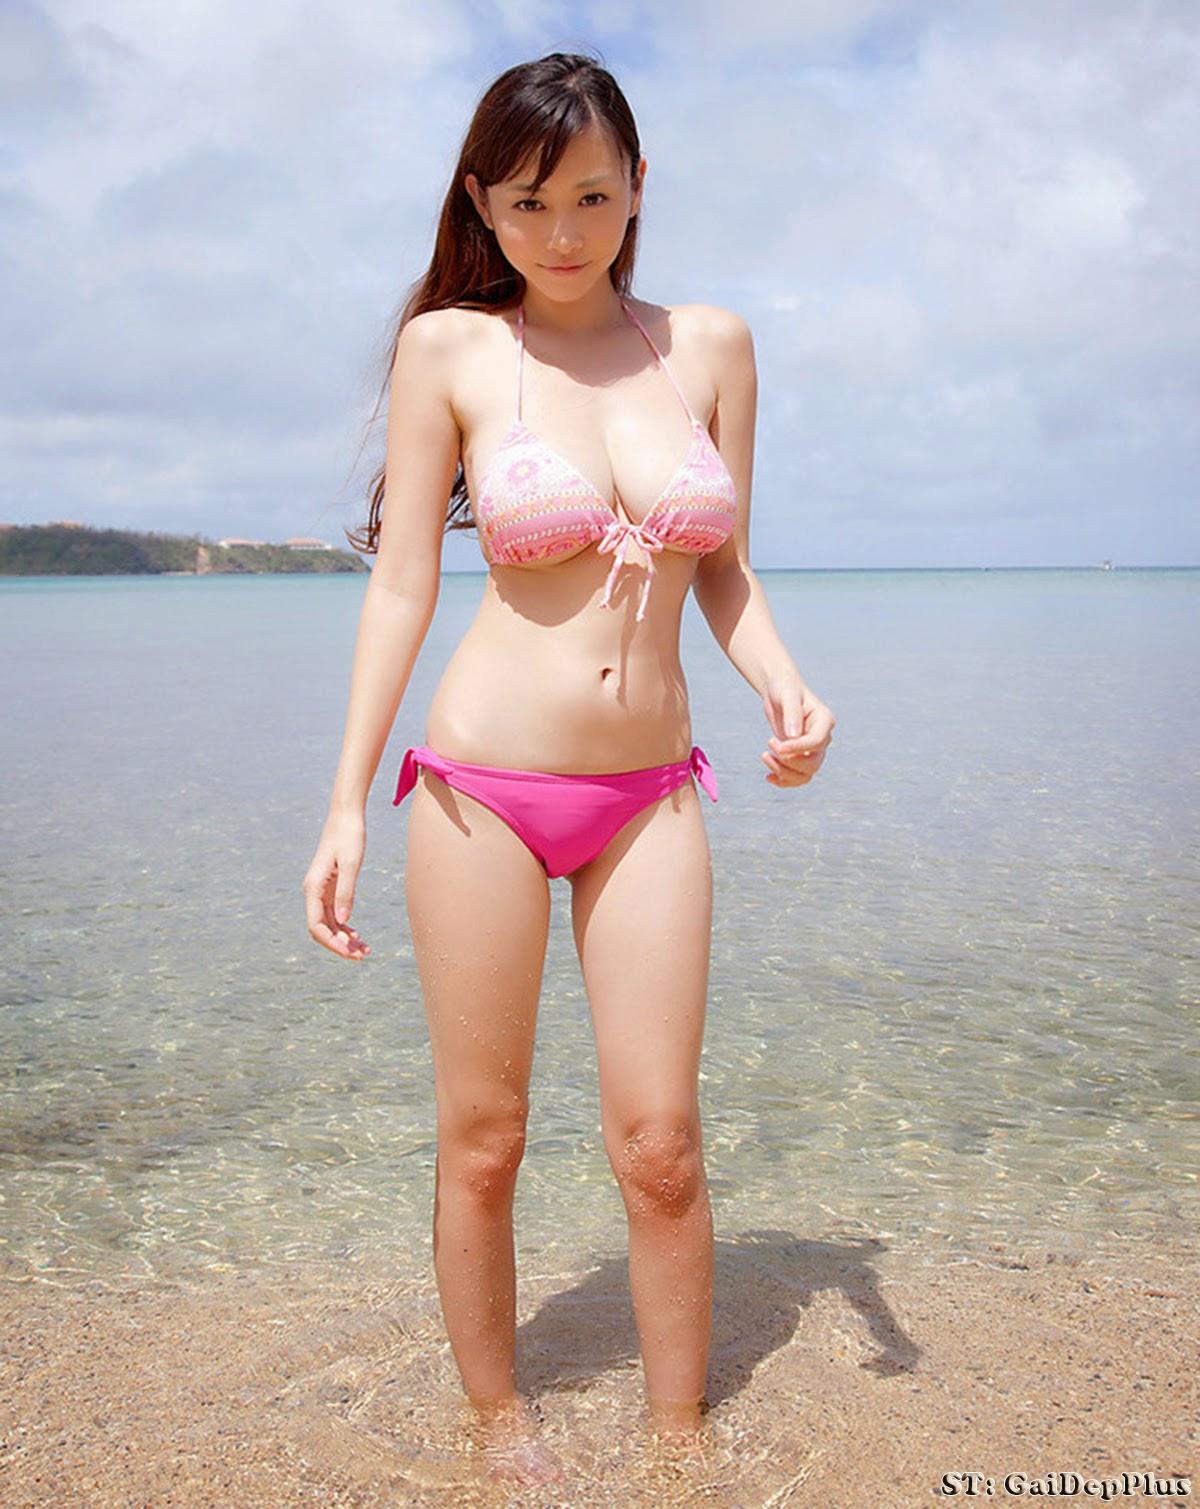 genelia nude fucking leg up images